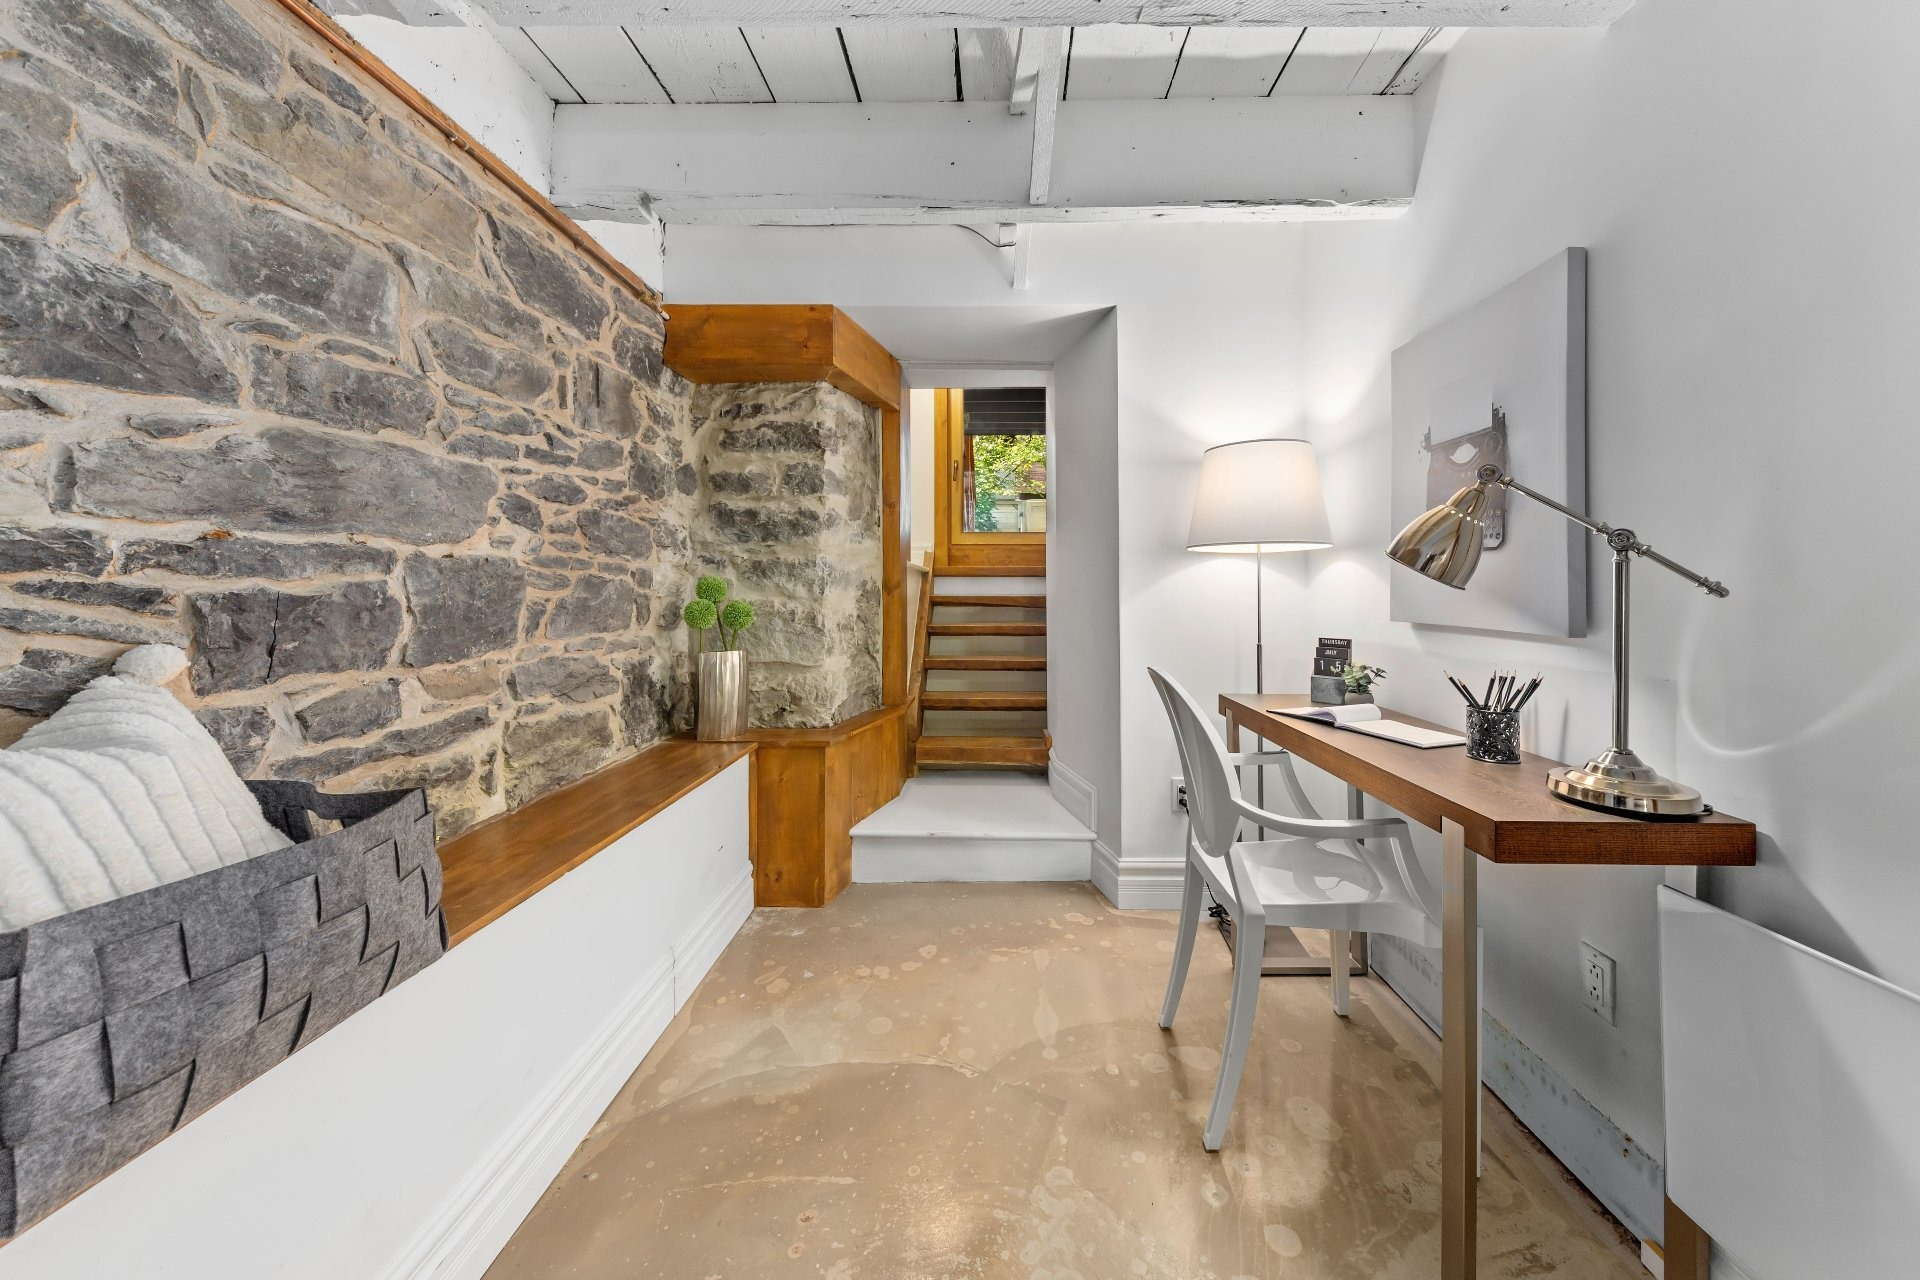 image 22 - Duplex For sale Le Plateau-Mont-Royal Montréal  - 5 rooms